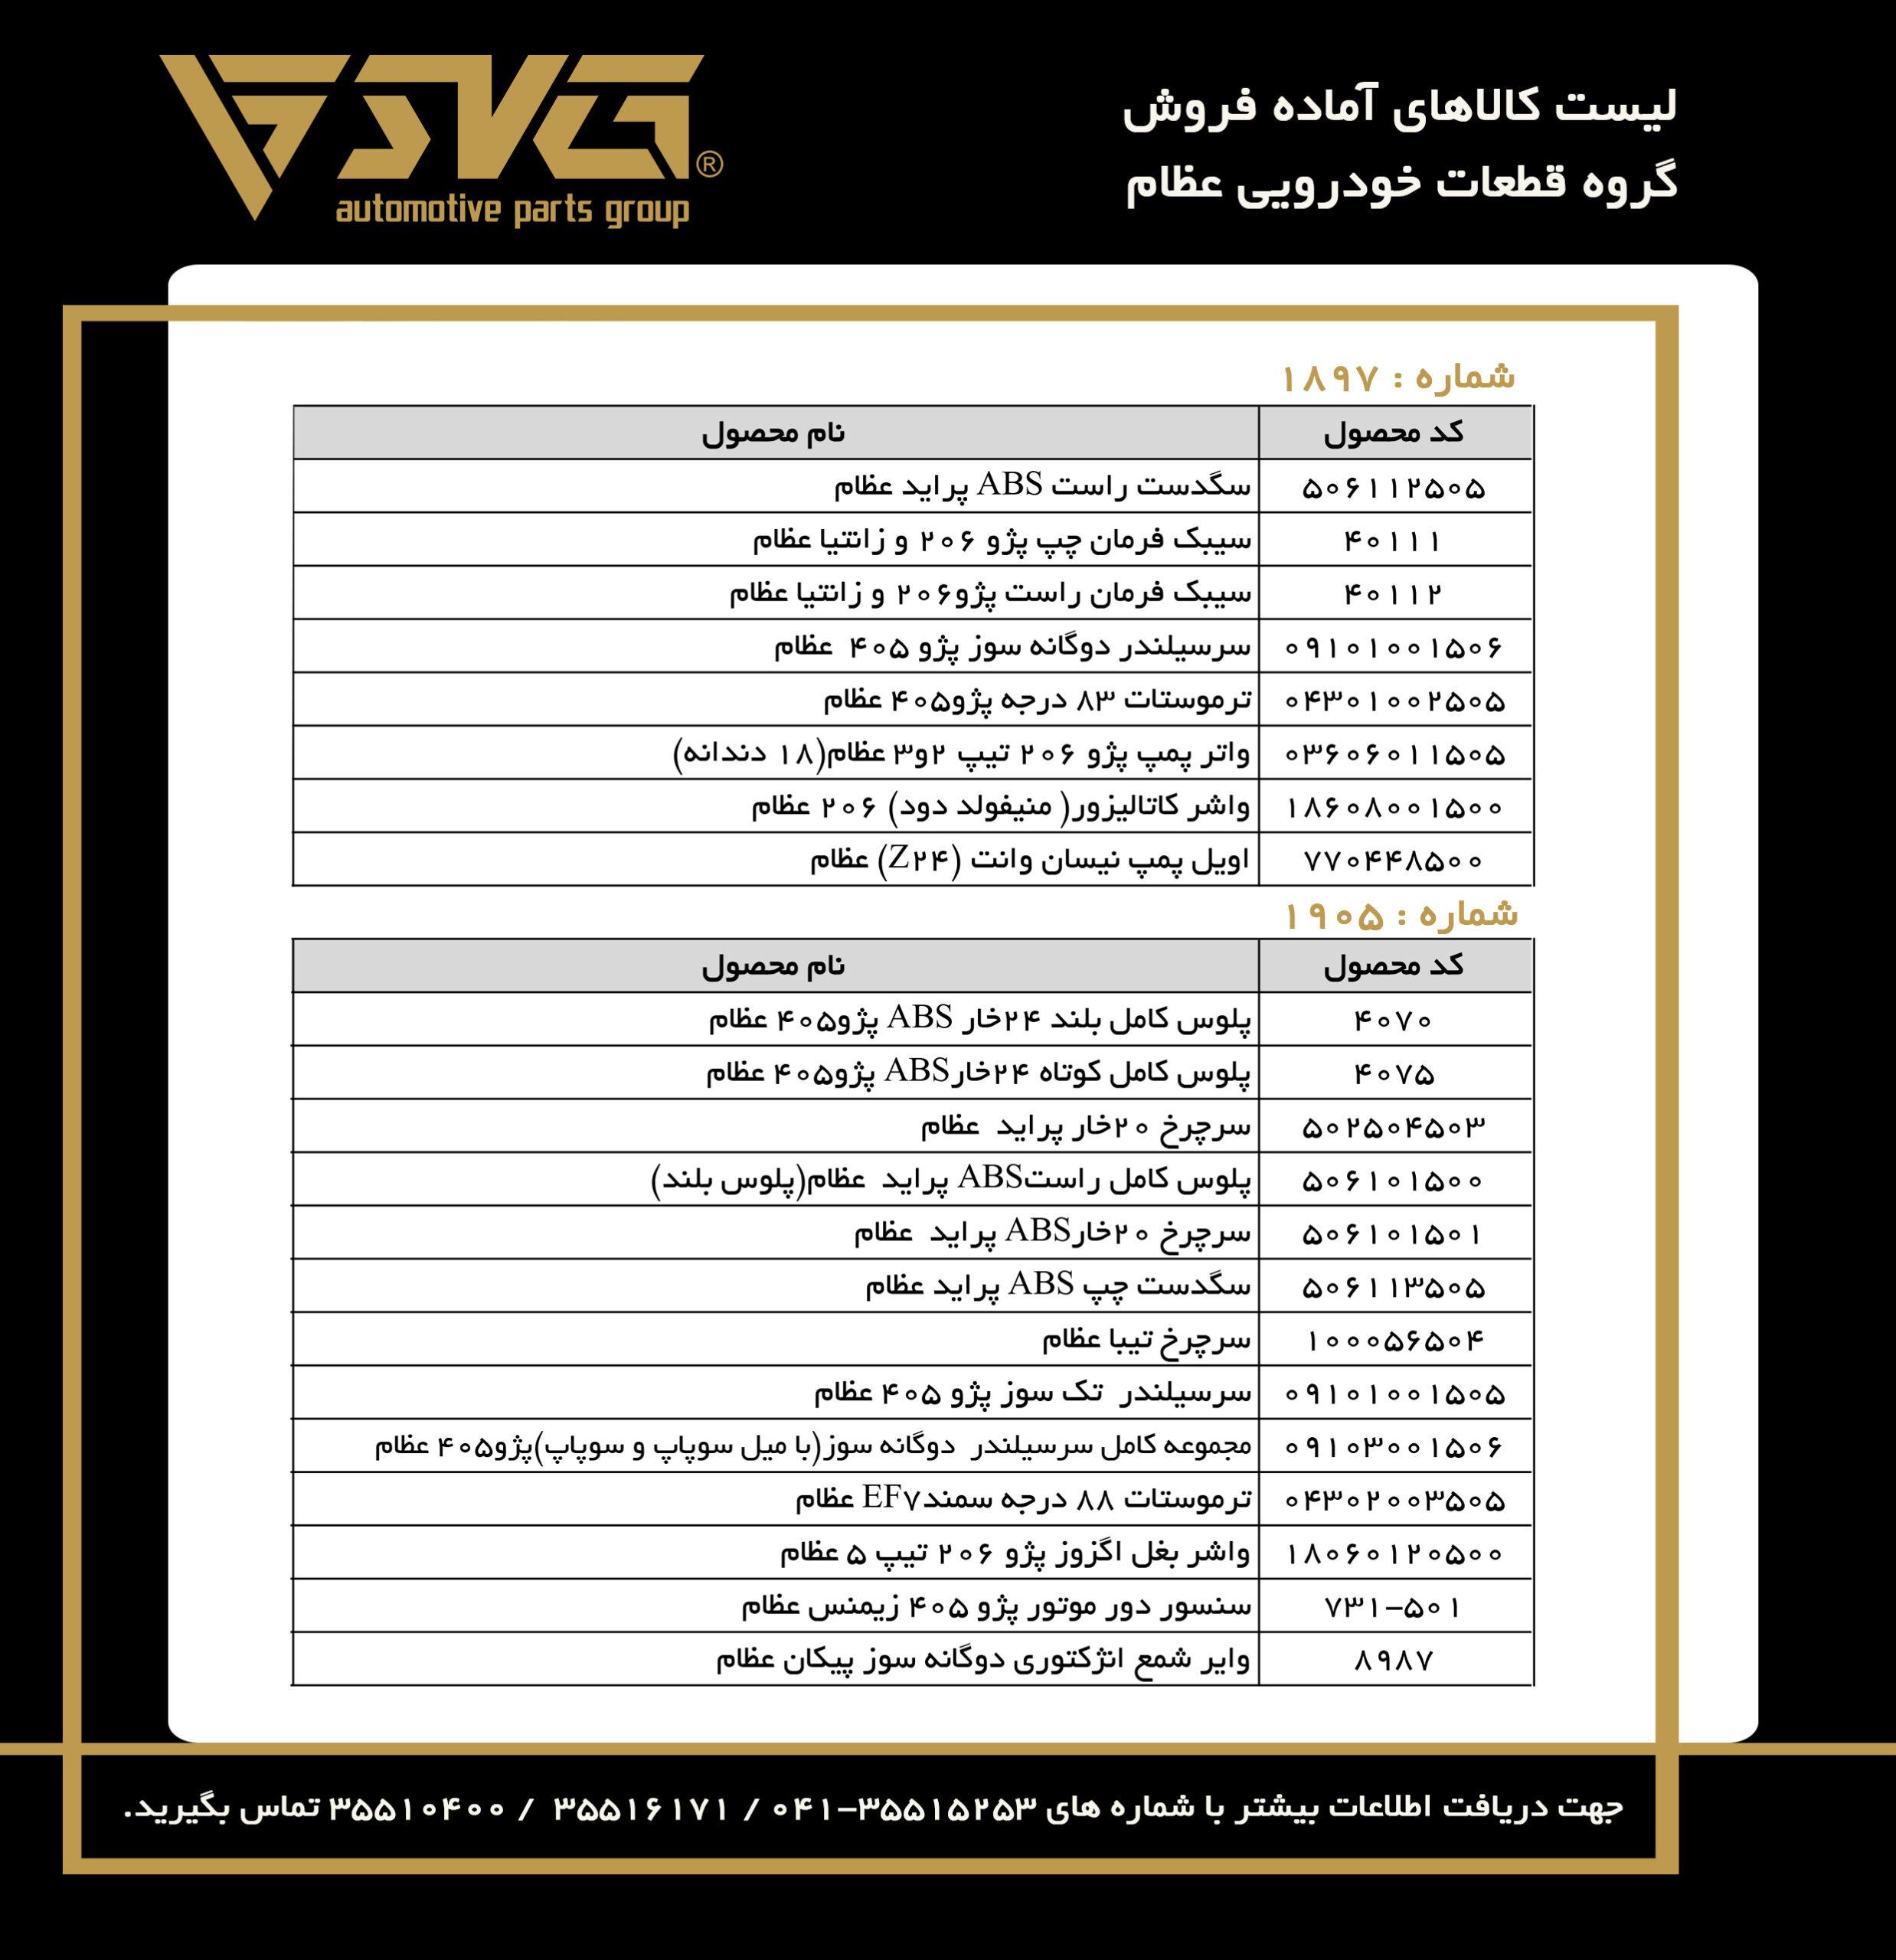 آماده فروش 20 بهمن 99